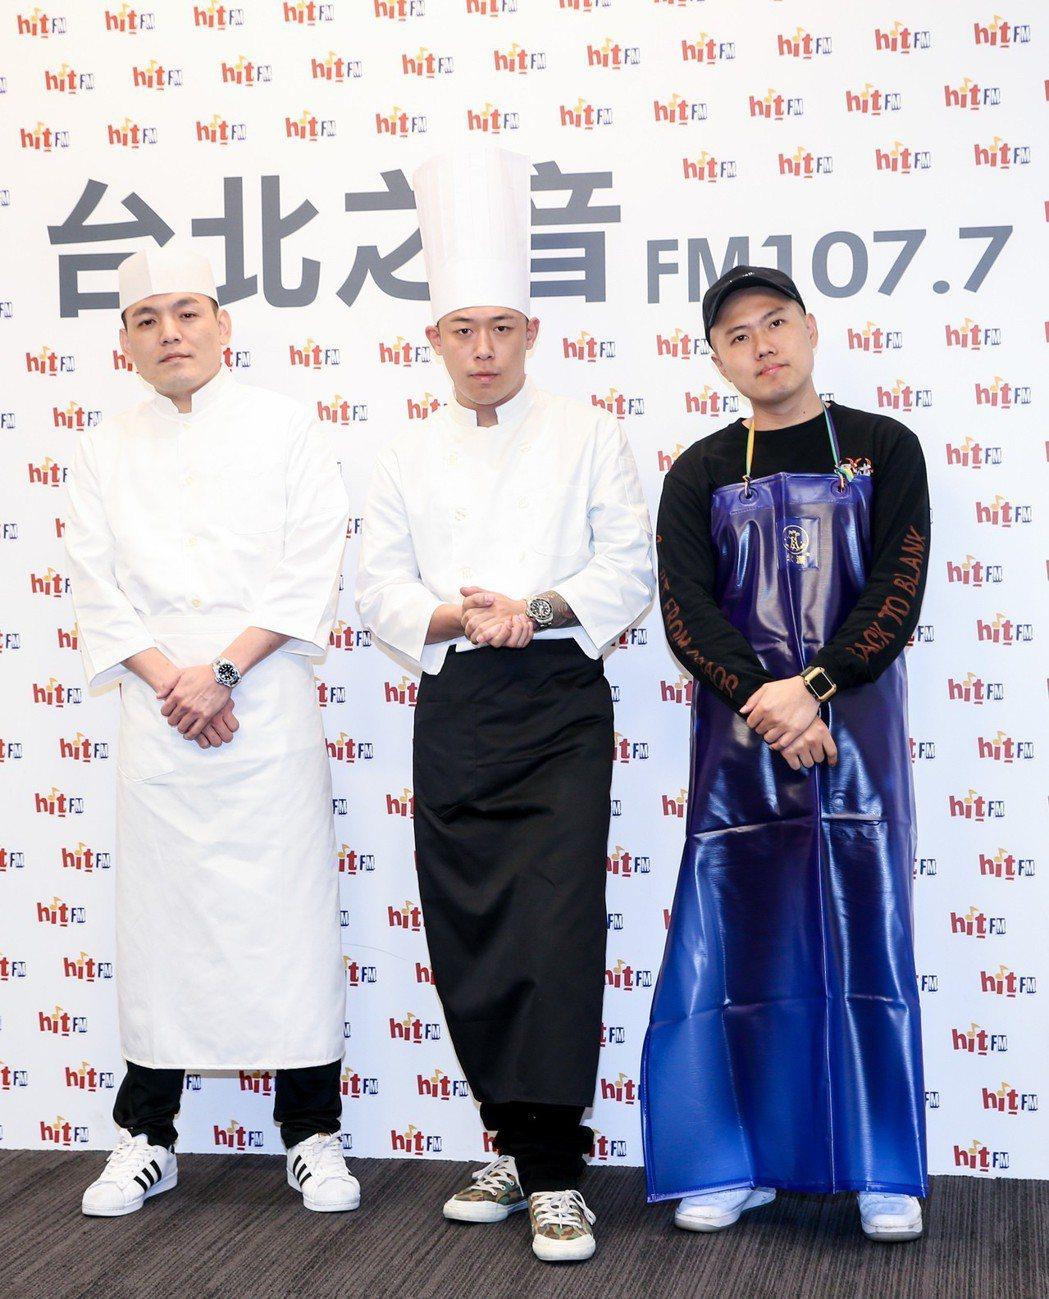 玖壹壹昨天化身主廚宣傳新單曲「男子漢的浪漫」。記者鄭清元/攝影